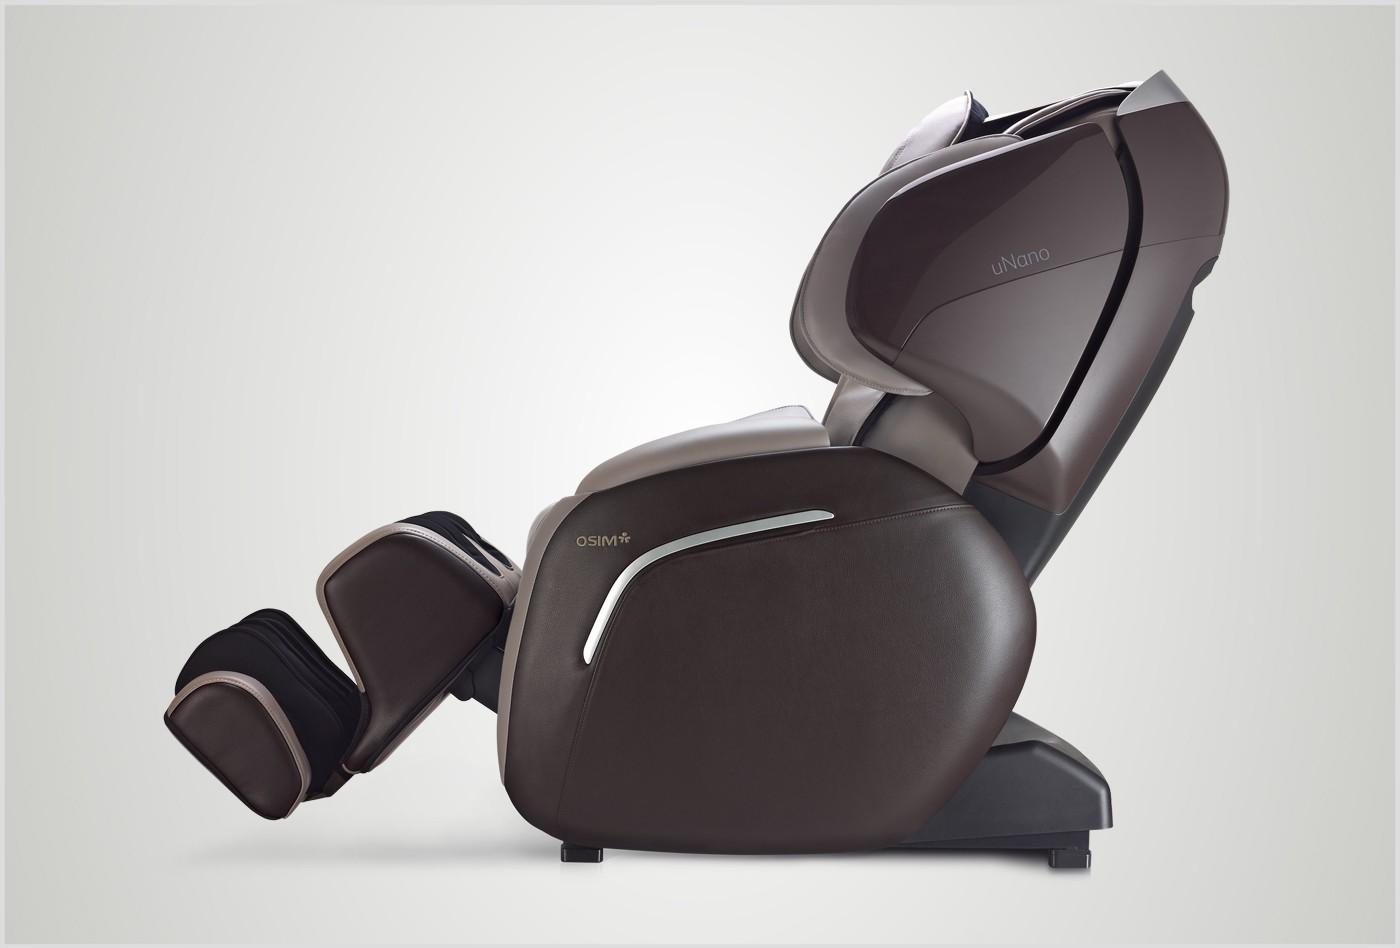 Osim massage chair price - Unano Massage Chair